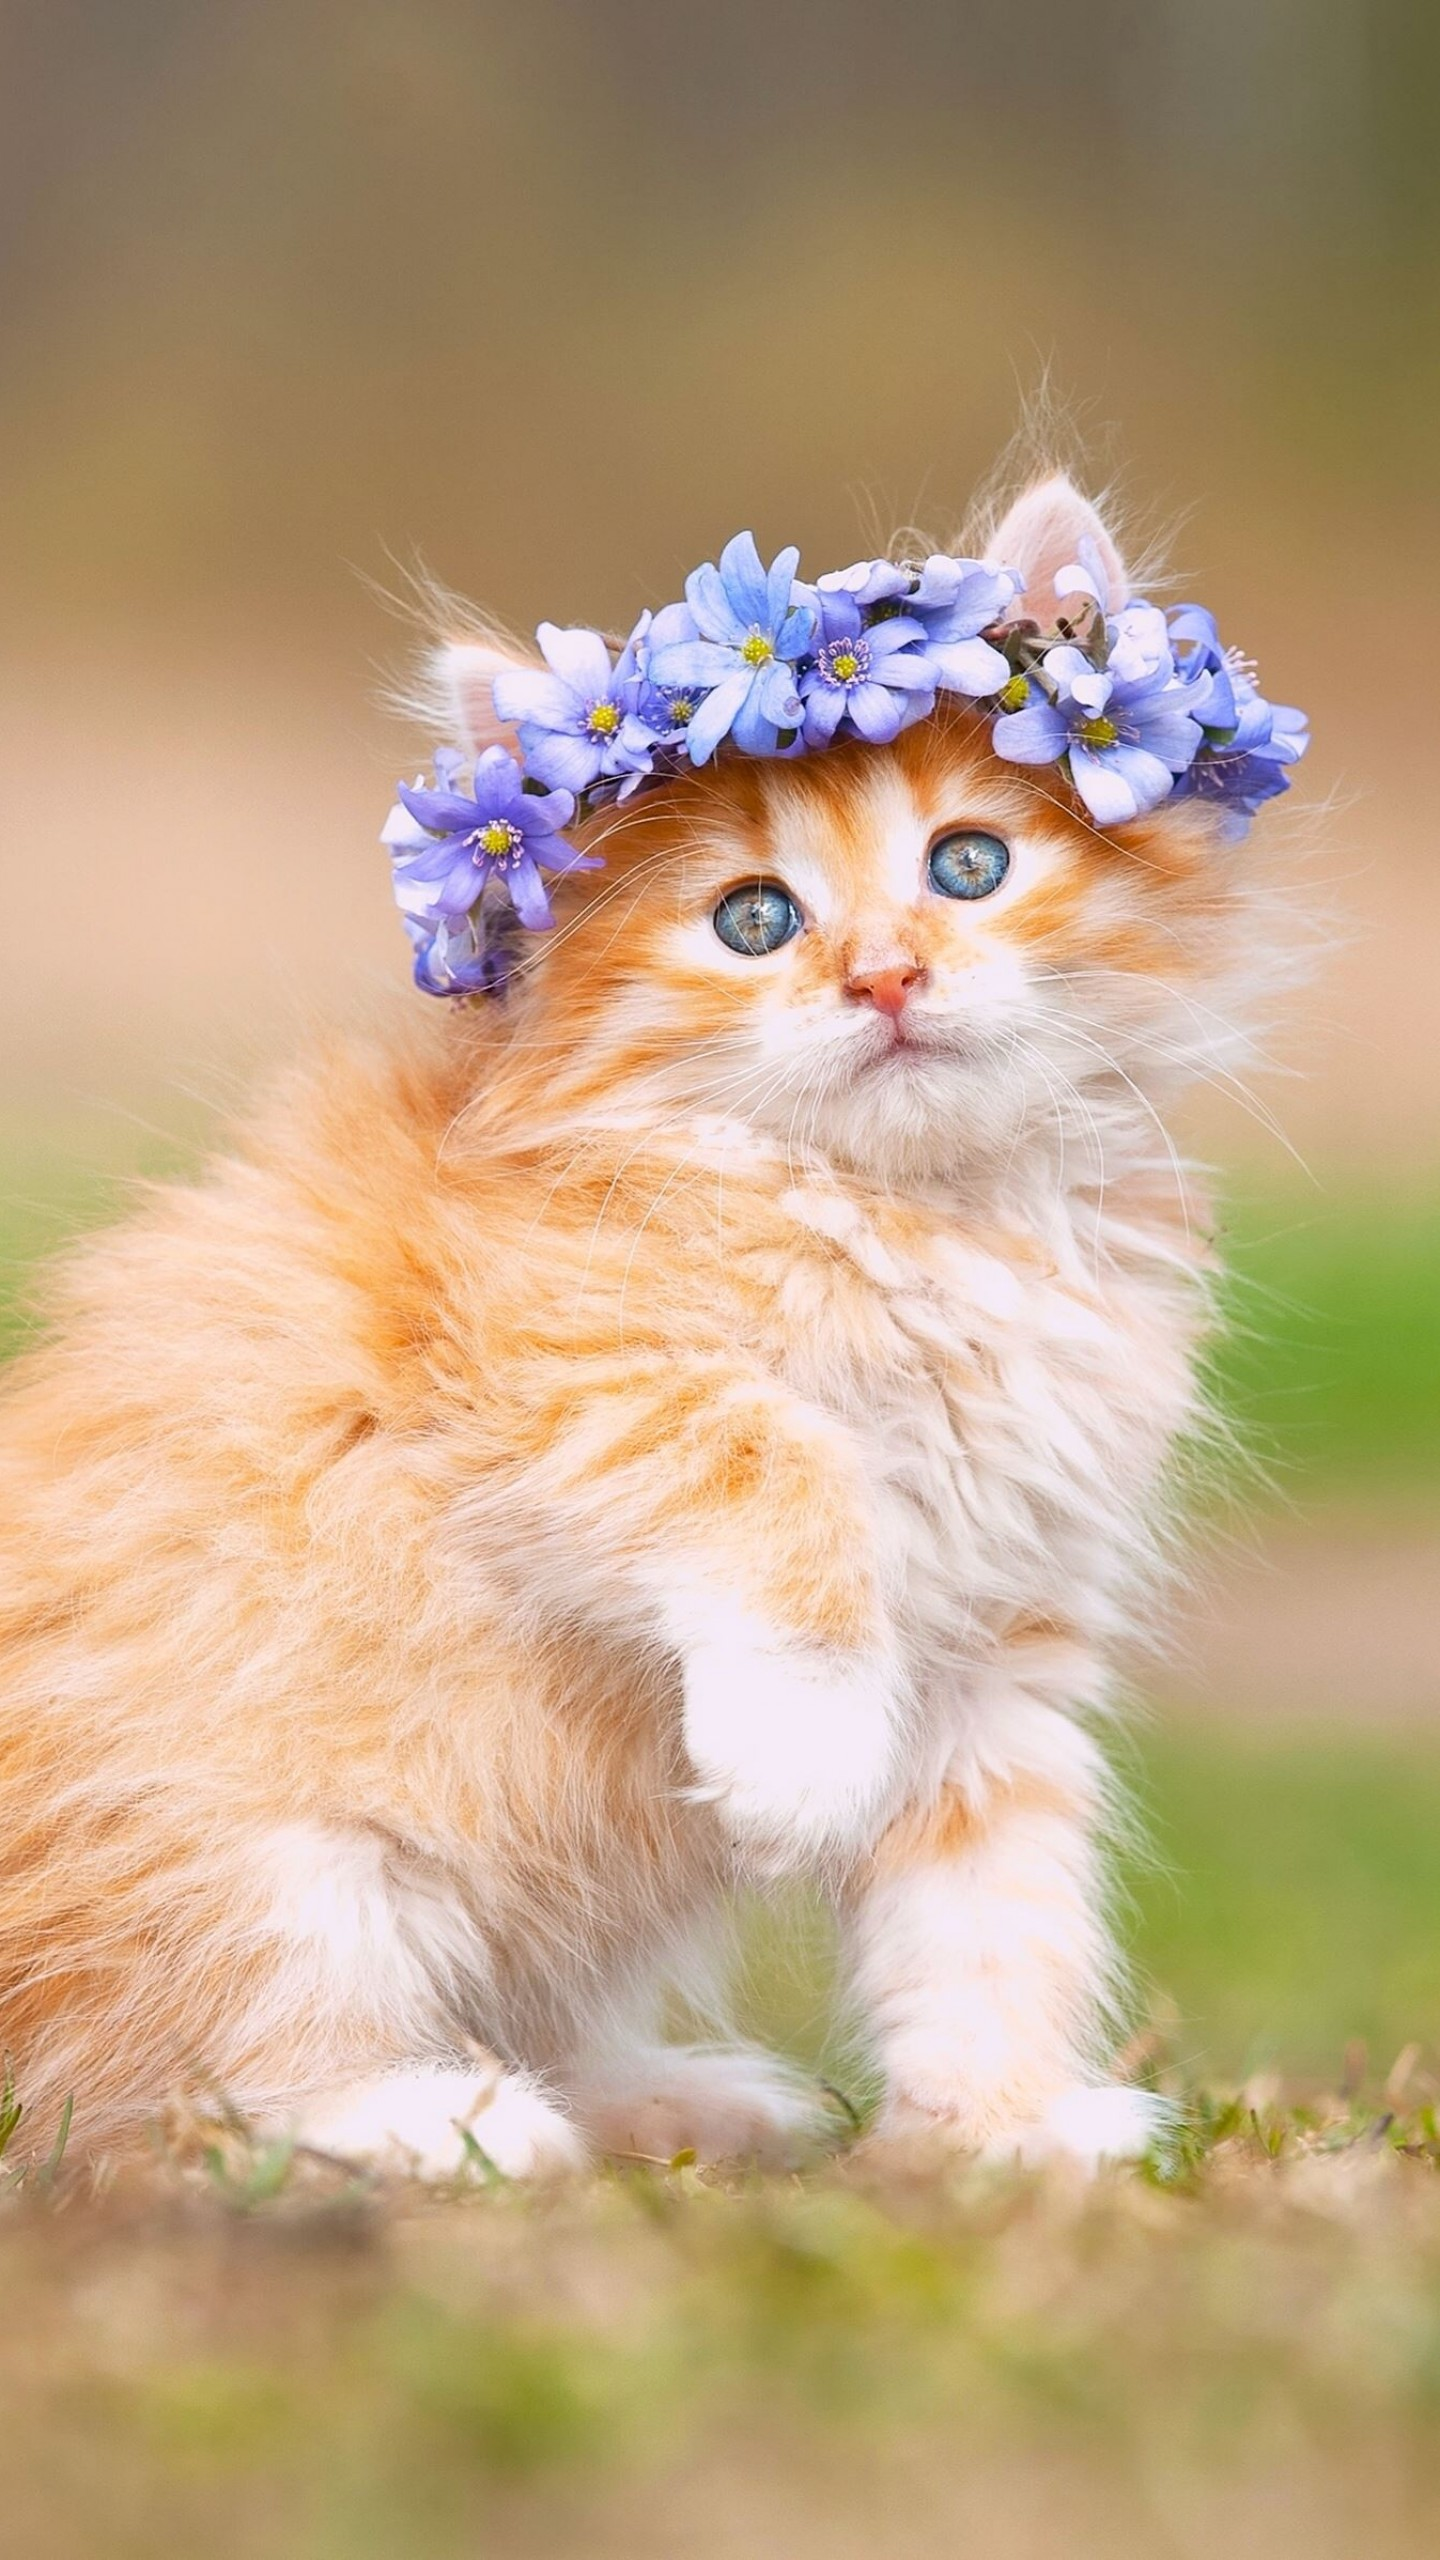 عکس زمینه بچه گربه ناز با تاج گل بنفش پس زمینه